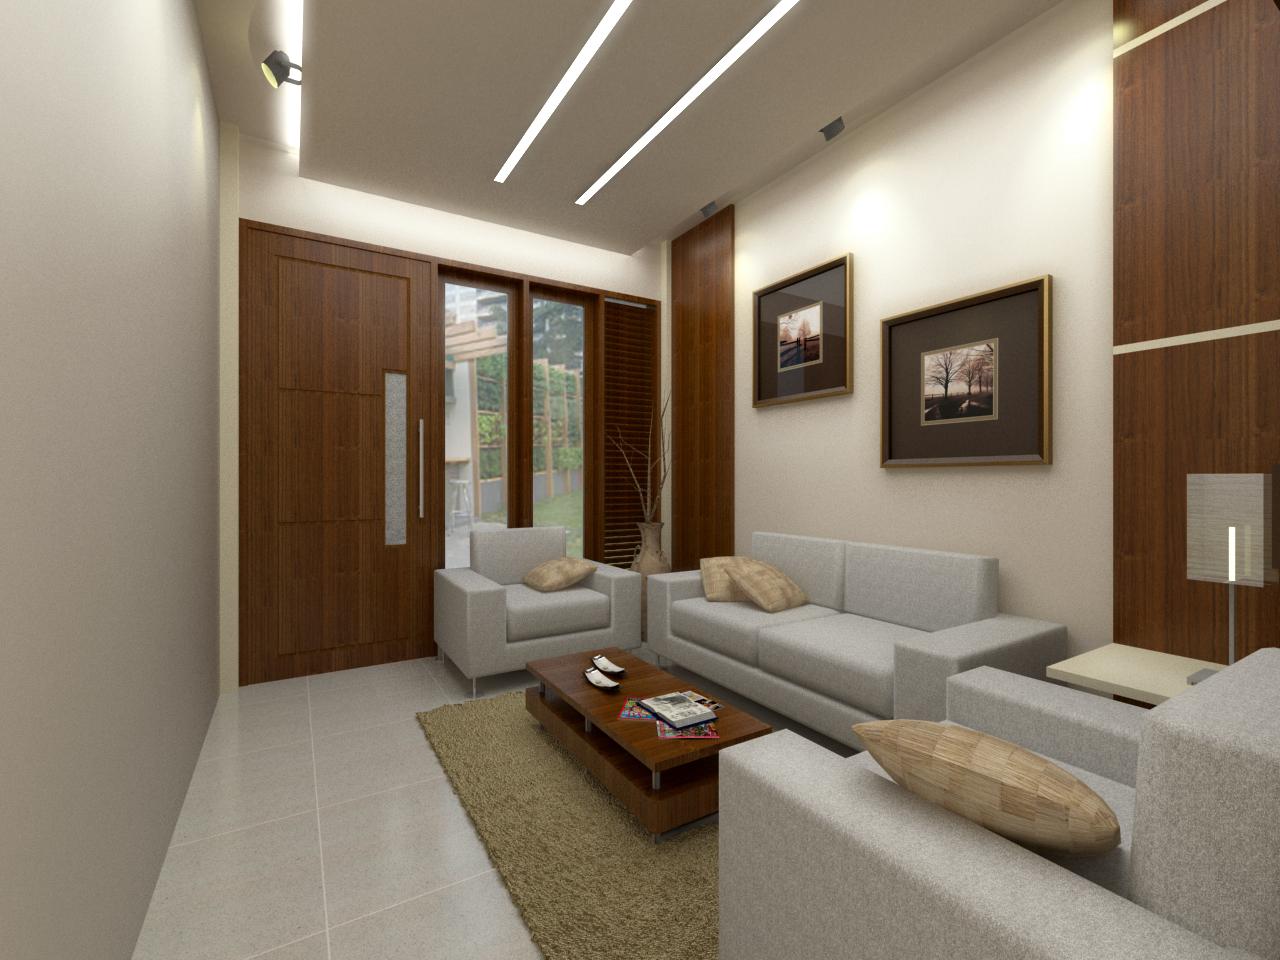 85 Desain Interior Ruang Tamu Rumah Type 45 Desain Rumah Minimalis